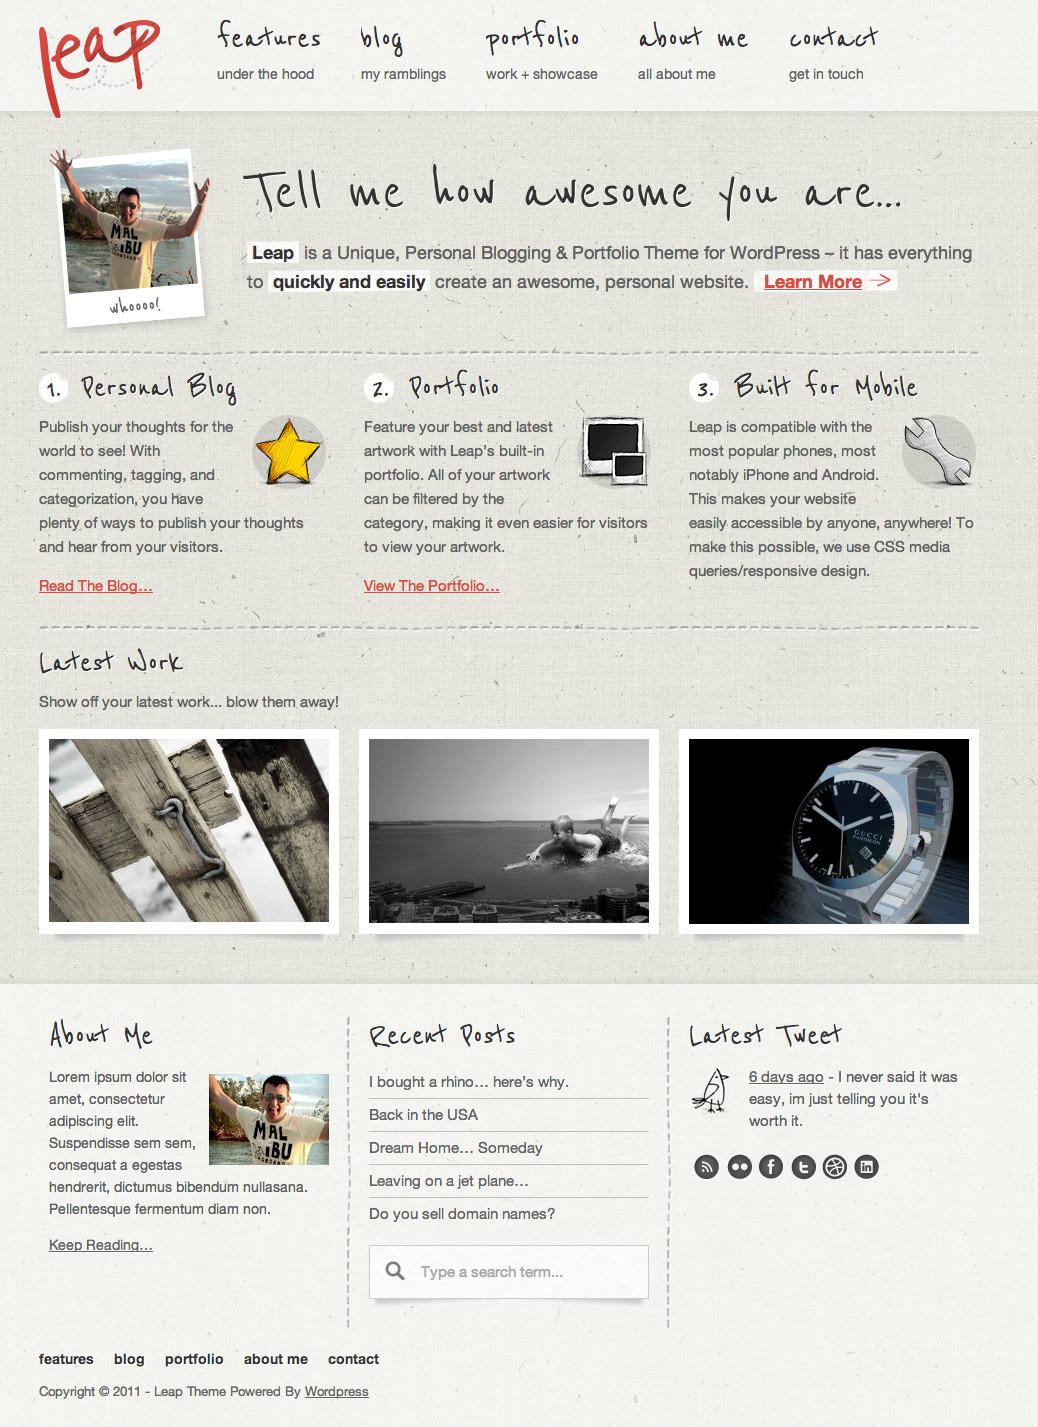 http://0.s3.envato.com/files/26760517/Screenshots/02_home.jpg